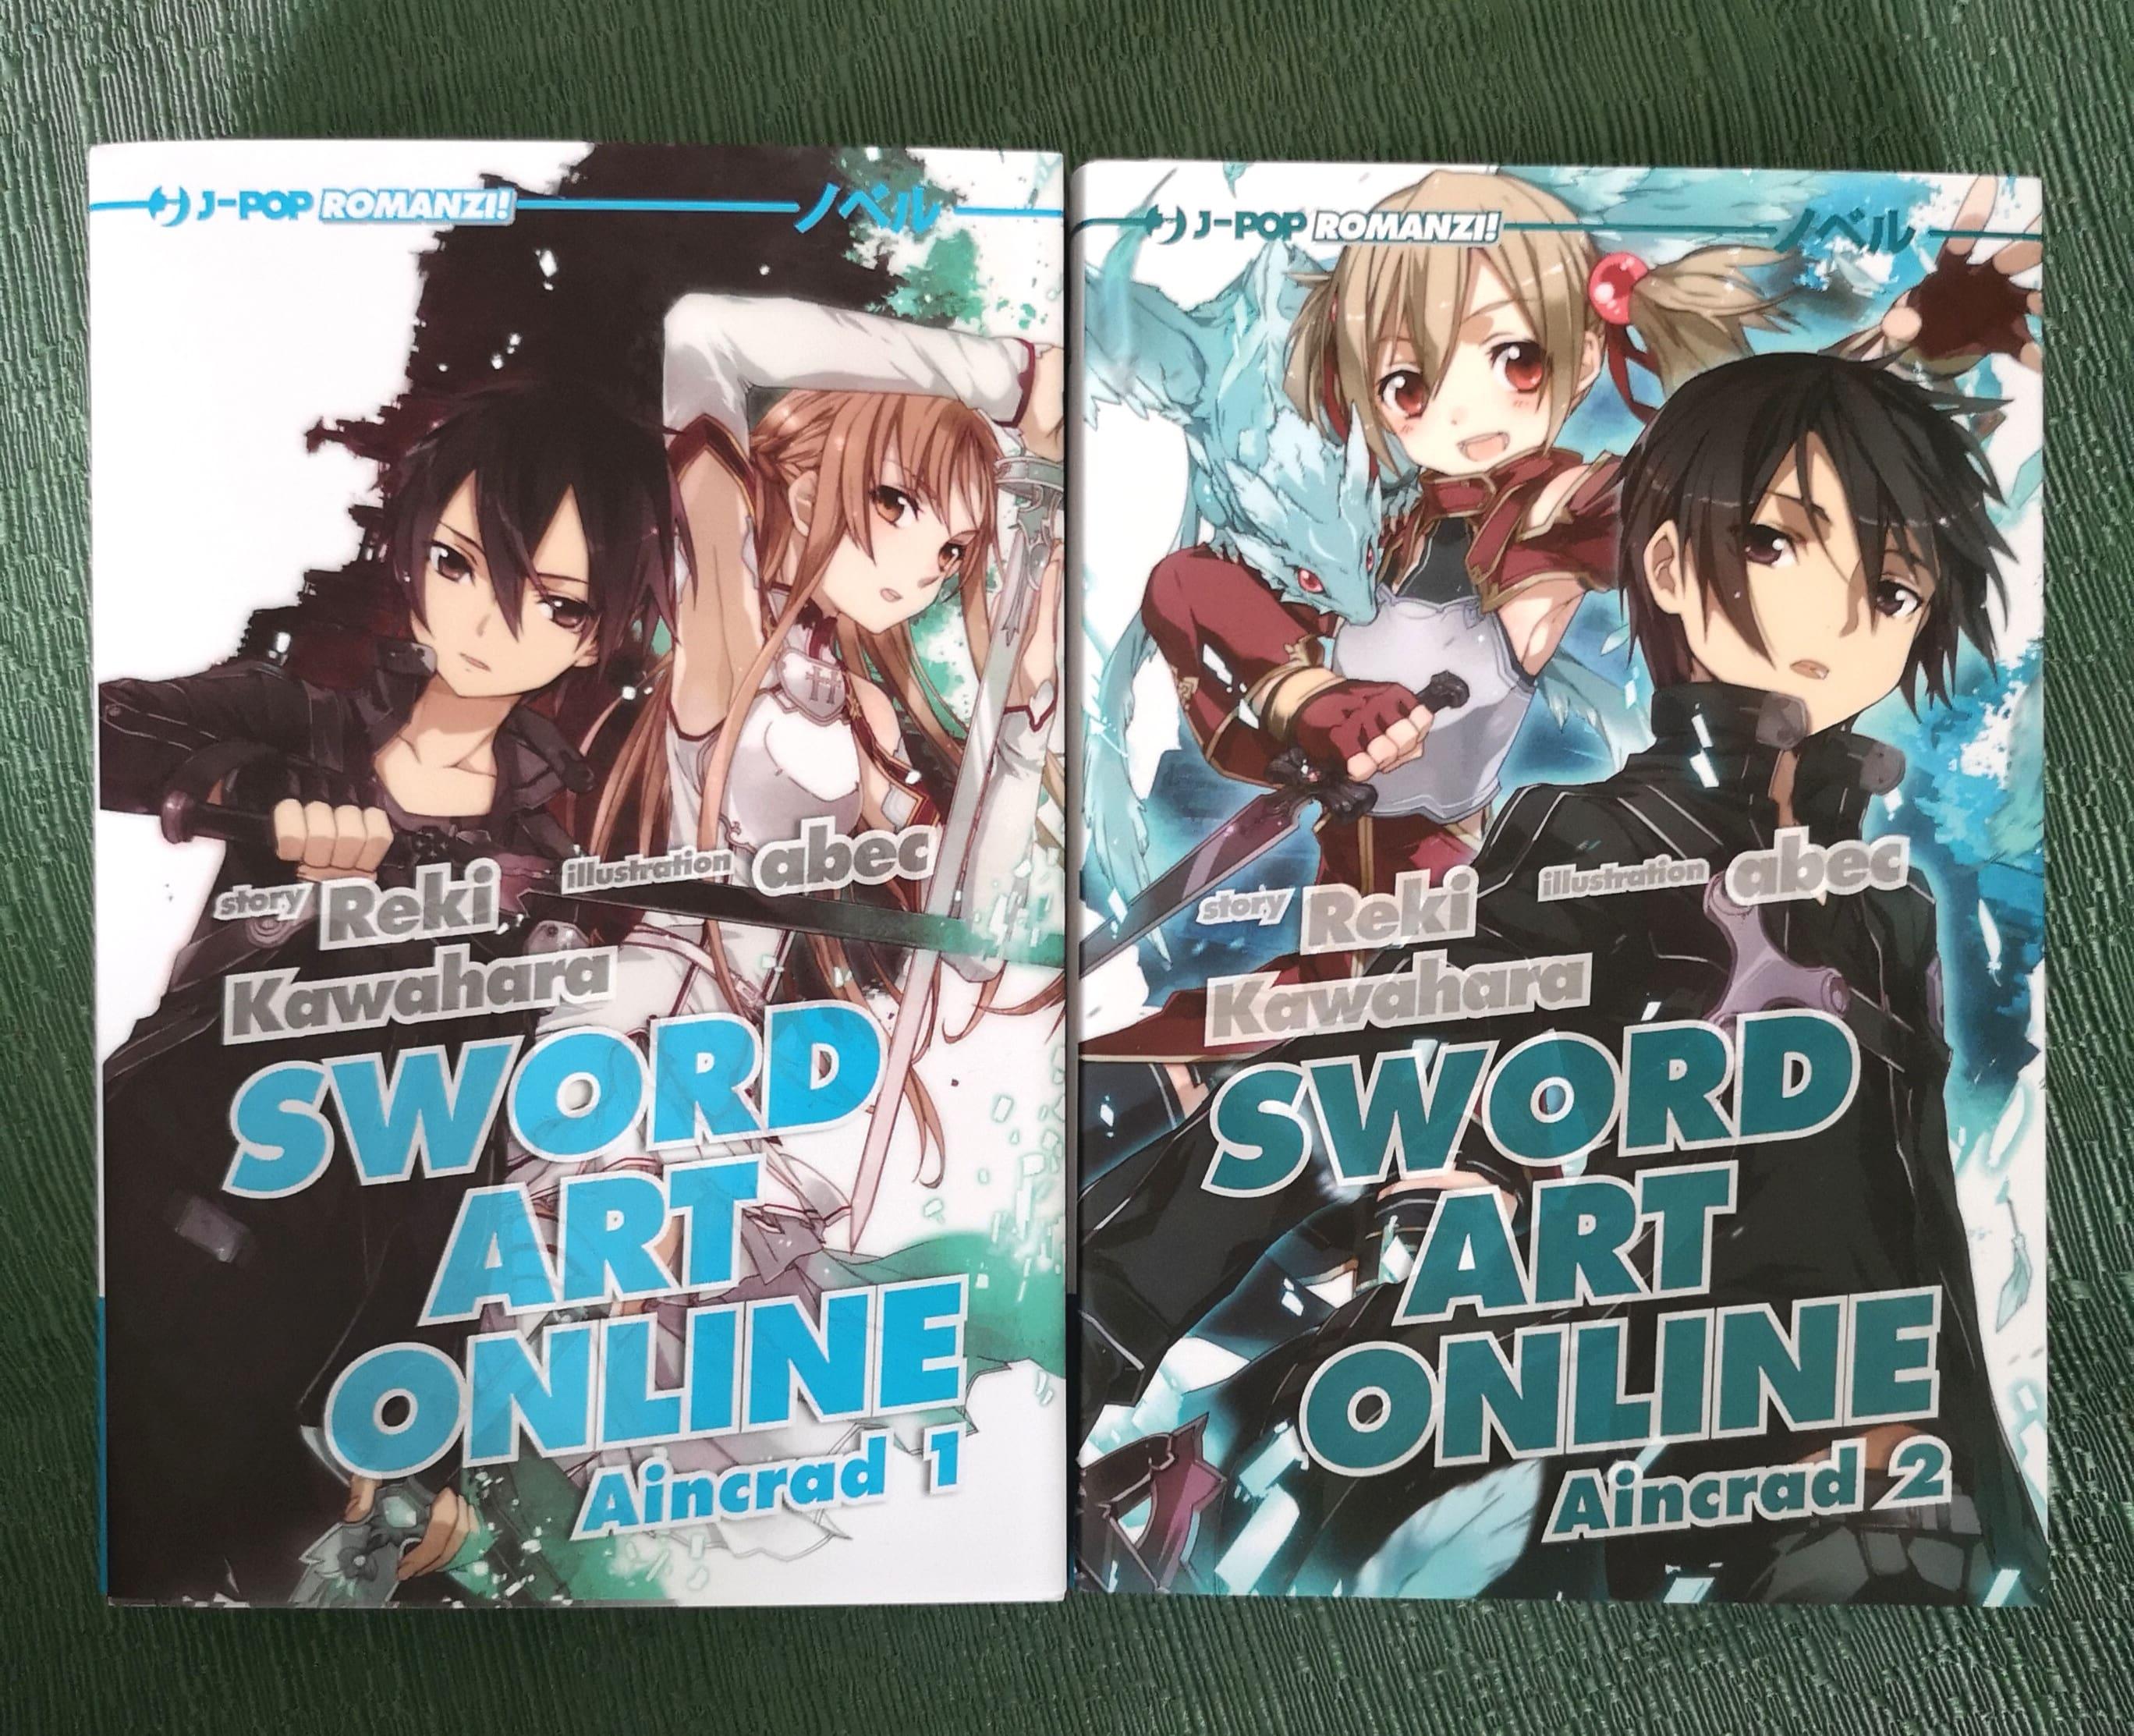 Realtà E Virtuale Si Fondono In Un Gioco Sword Art Online Otakus